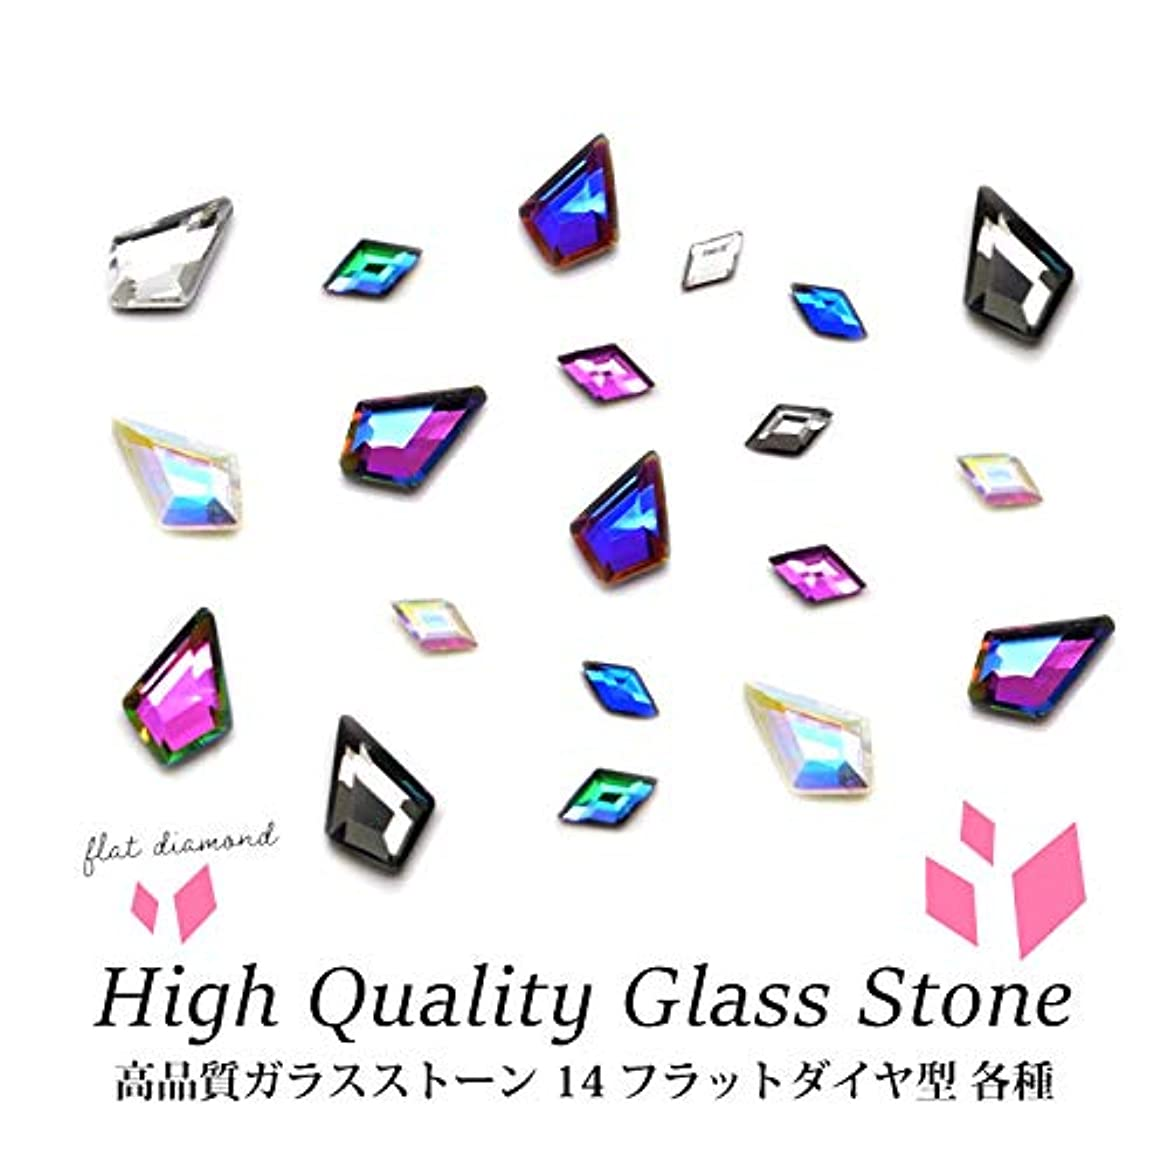 消費者ヒープ識字高品質ガラスストーン 14 フラットダイヤ型 各種 10個入り (2.クリスタルAB)